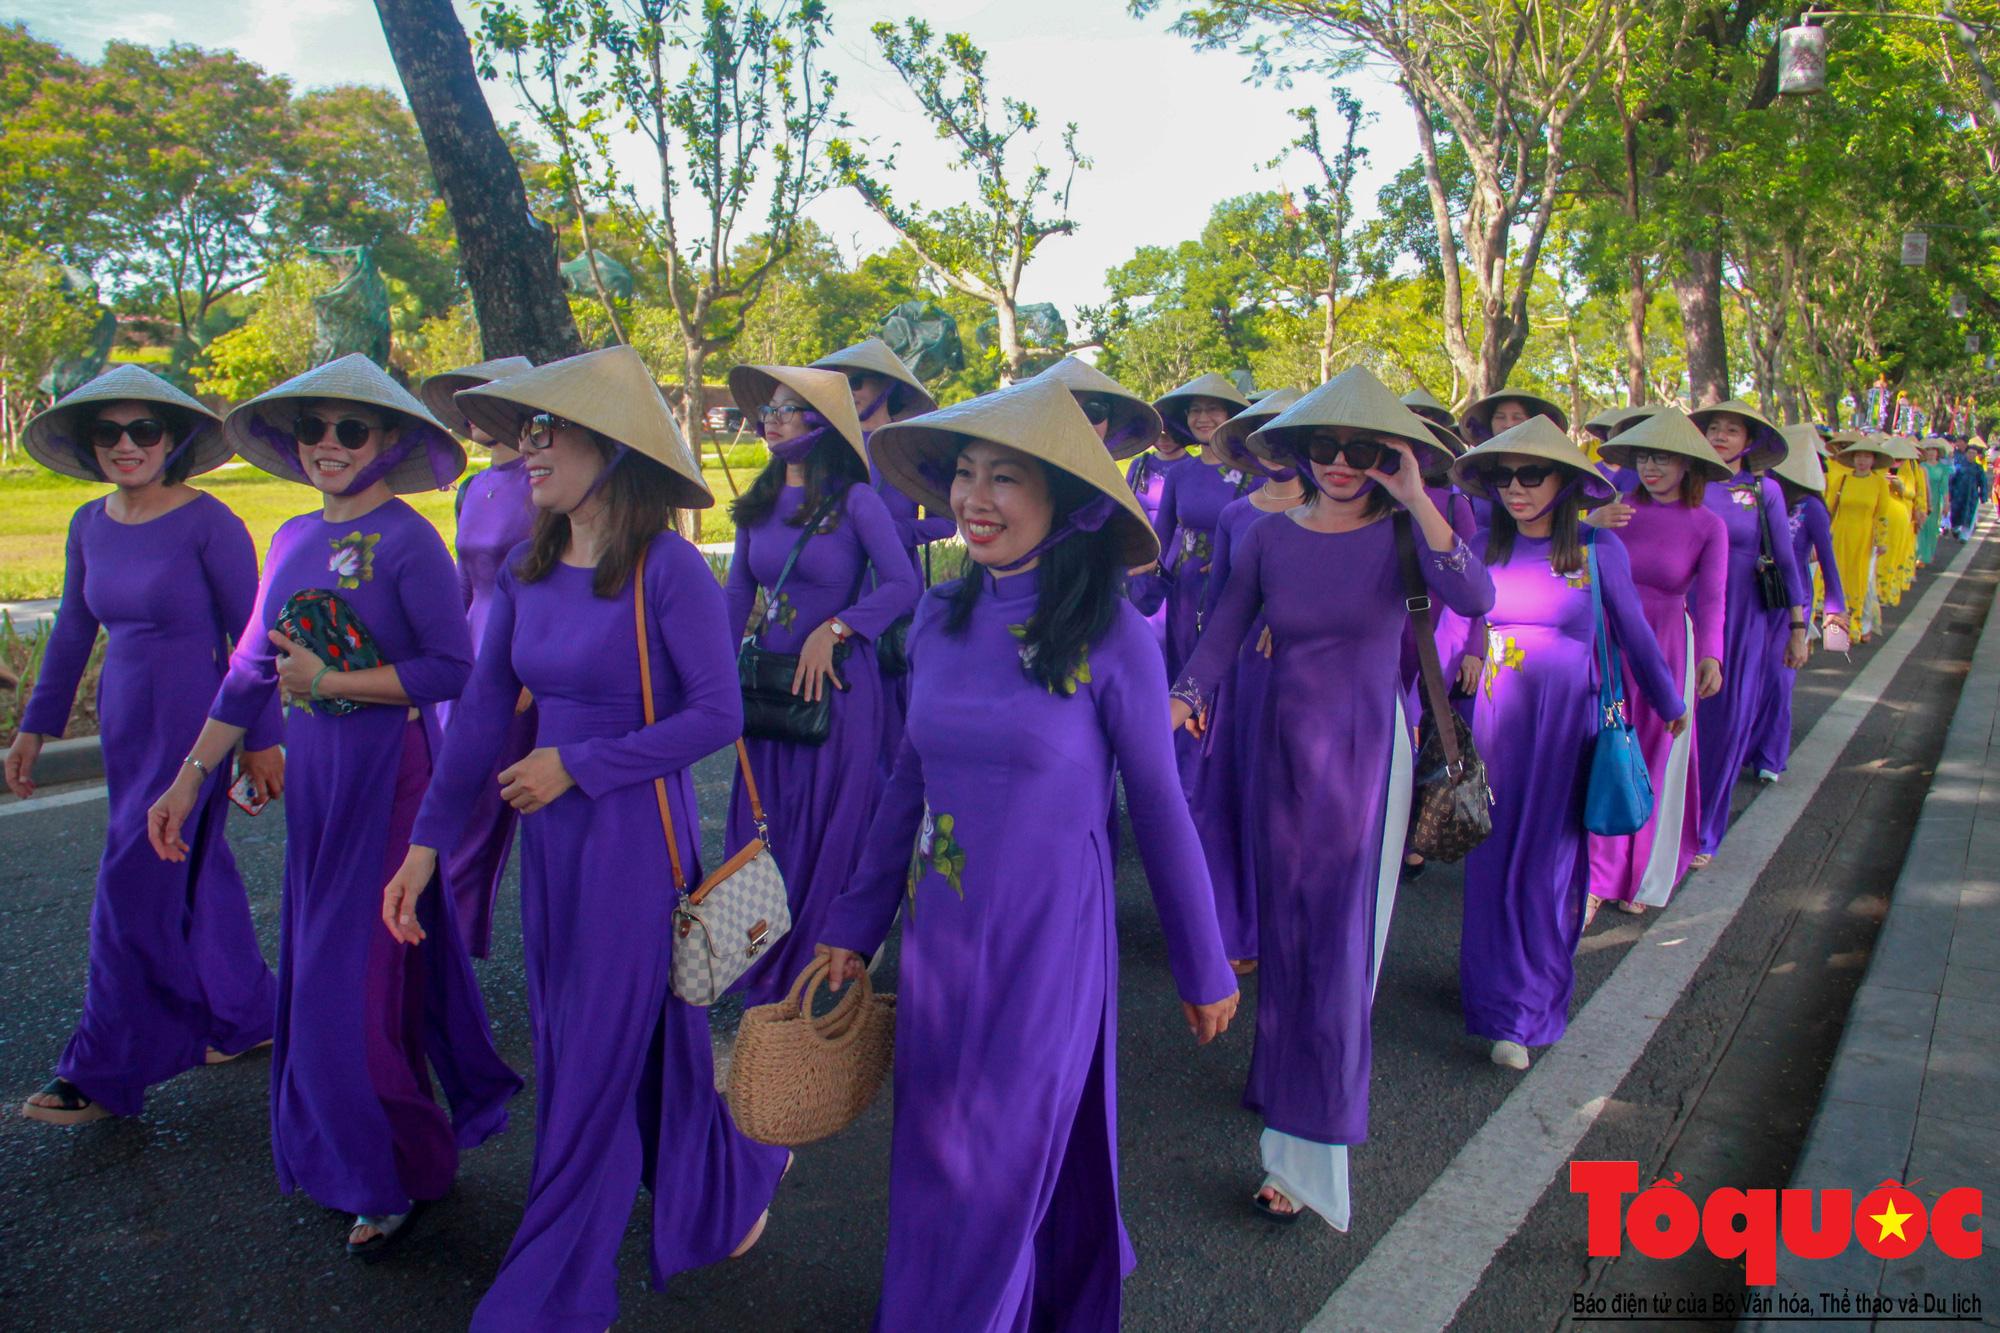 Hàng trăm tà áo dài diễu hành trên phố tri ân chúa Nguyễn Phúc Khoát - Ảnh 4.